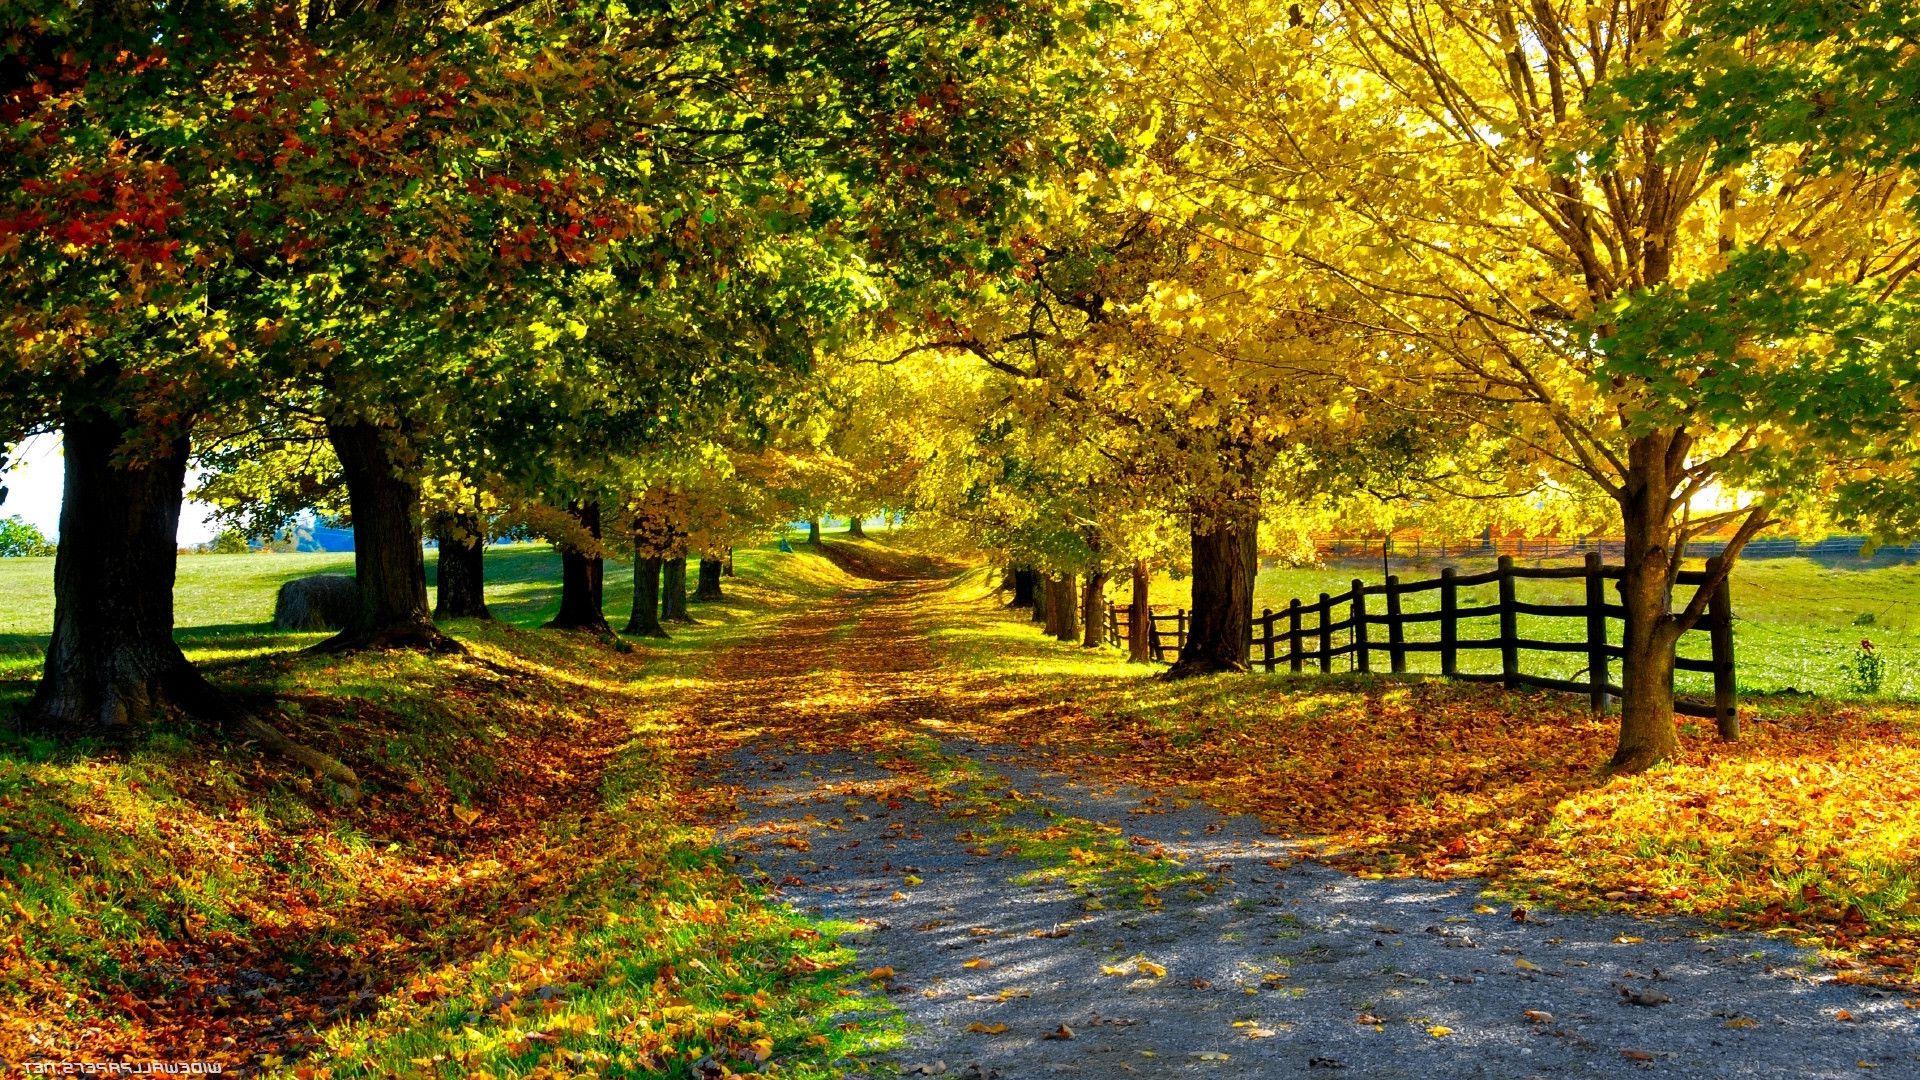 Sfondo natura in autunno sfondi hd gratis p l for Immagini autunno hd